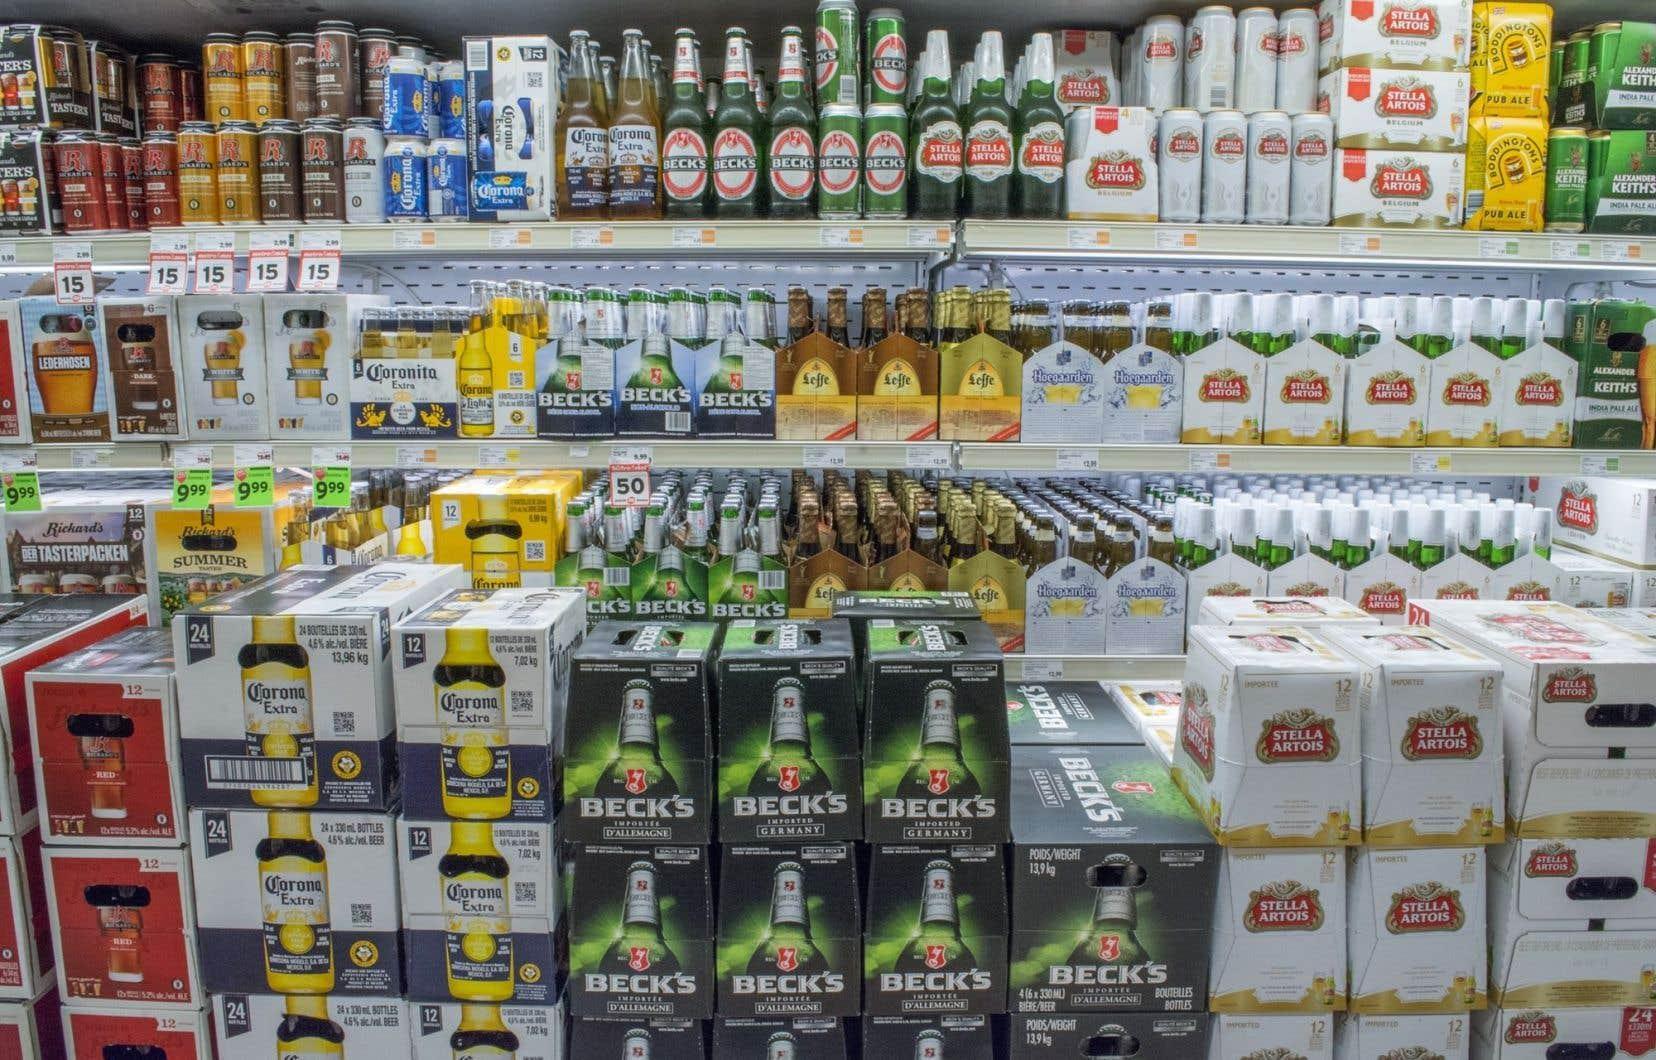 Selon l'étude de l'INSPQ, le prix de l'alcool a augmenté de 18,5% entre2002 et2015, alors que l'indice des prix à la consommation (IPC) a connu une croissance de 24,7%.